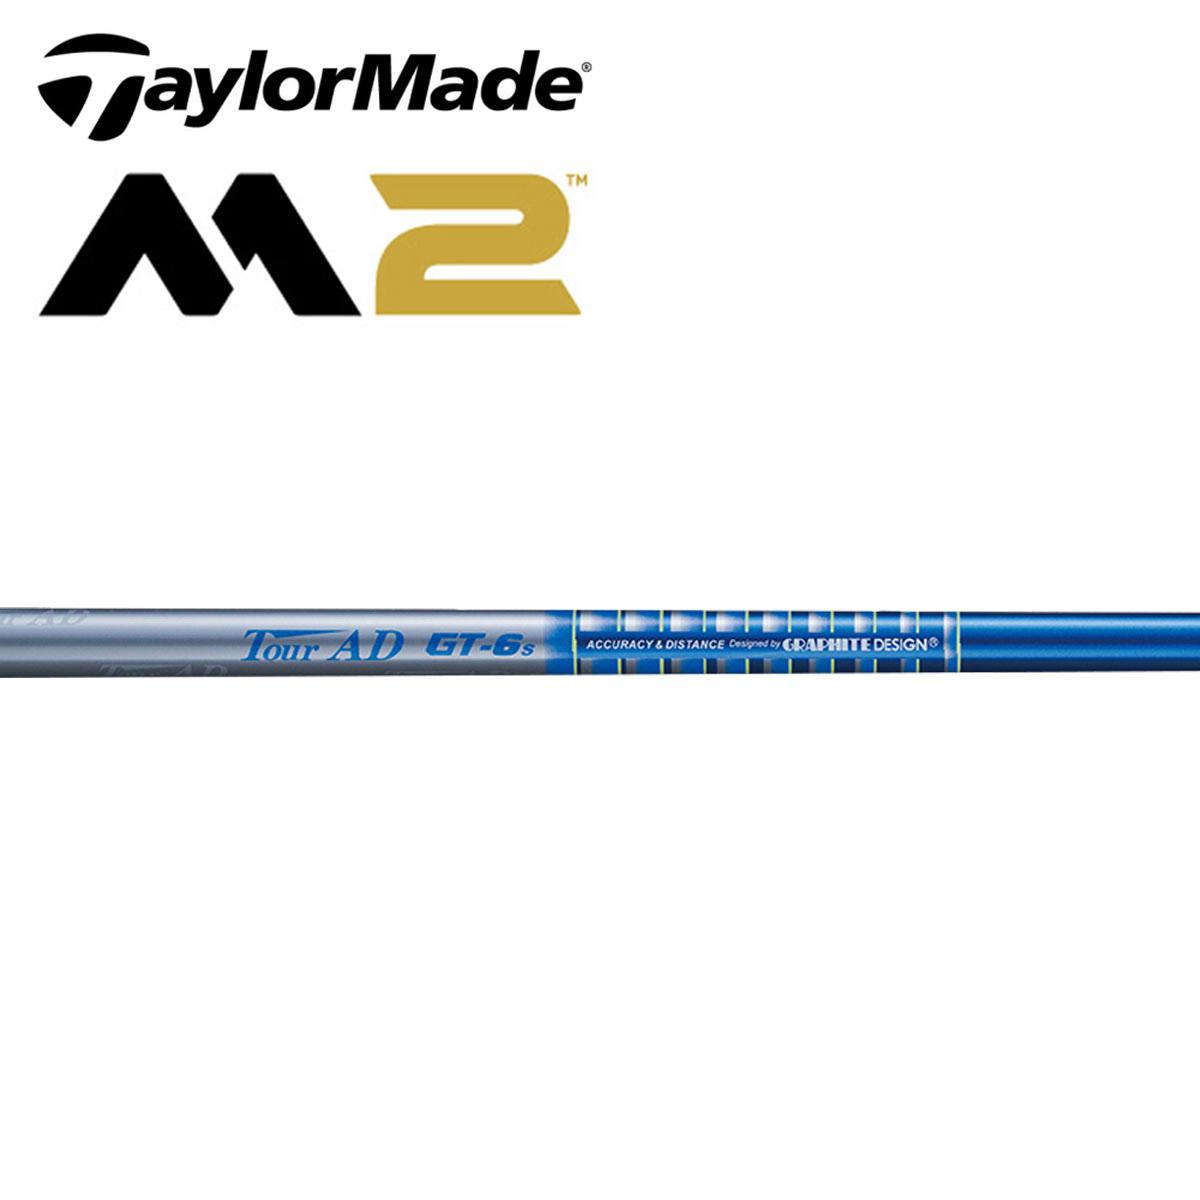 Tour AD GTシリーズ M2 ドライバーロフト12度用スリーブ付きシャフト 2016年モデル【テーラーメイド専用】